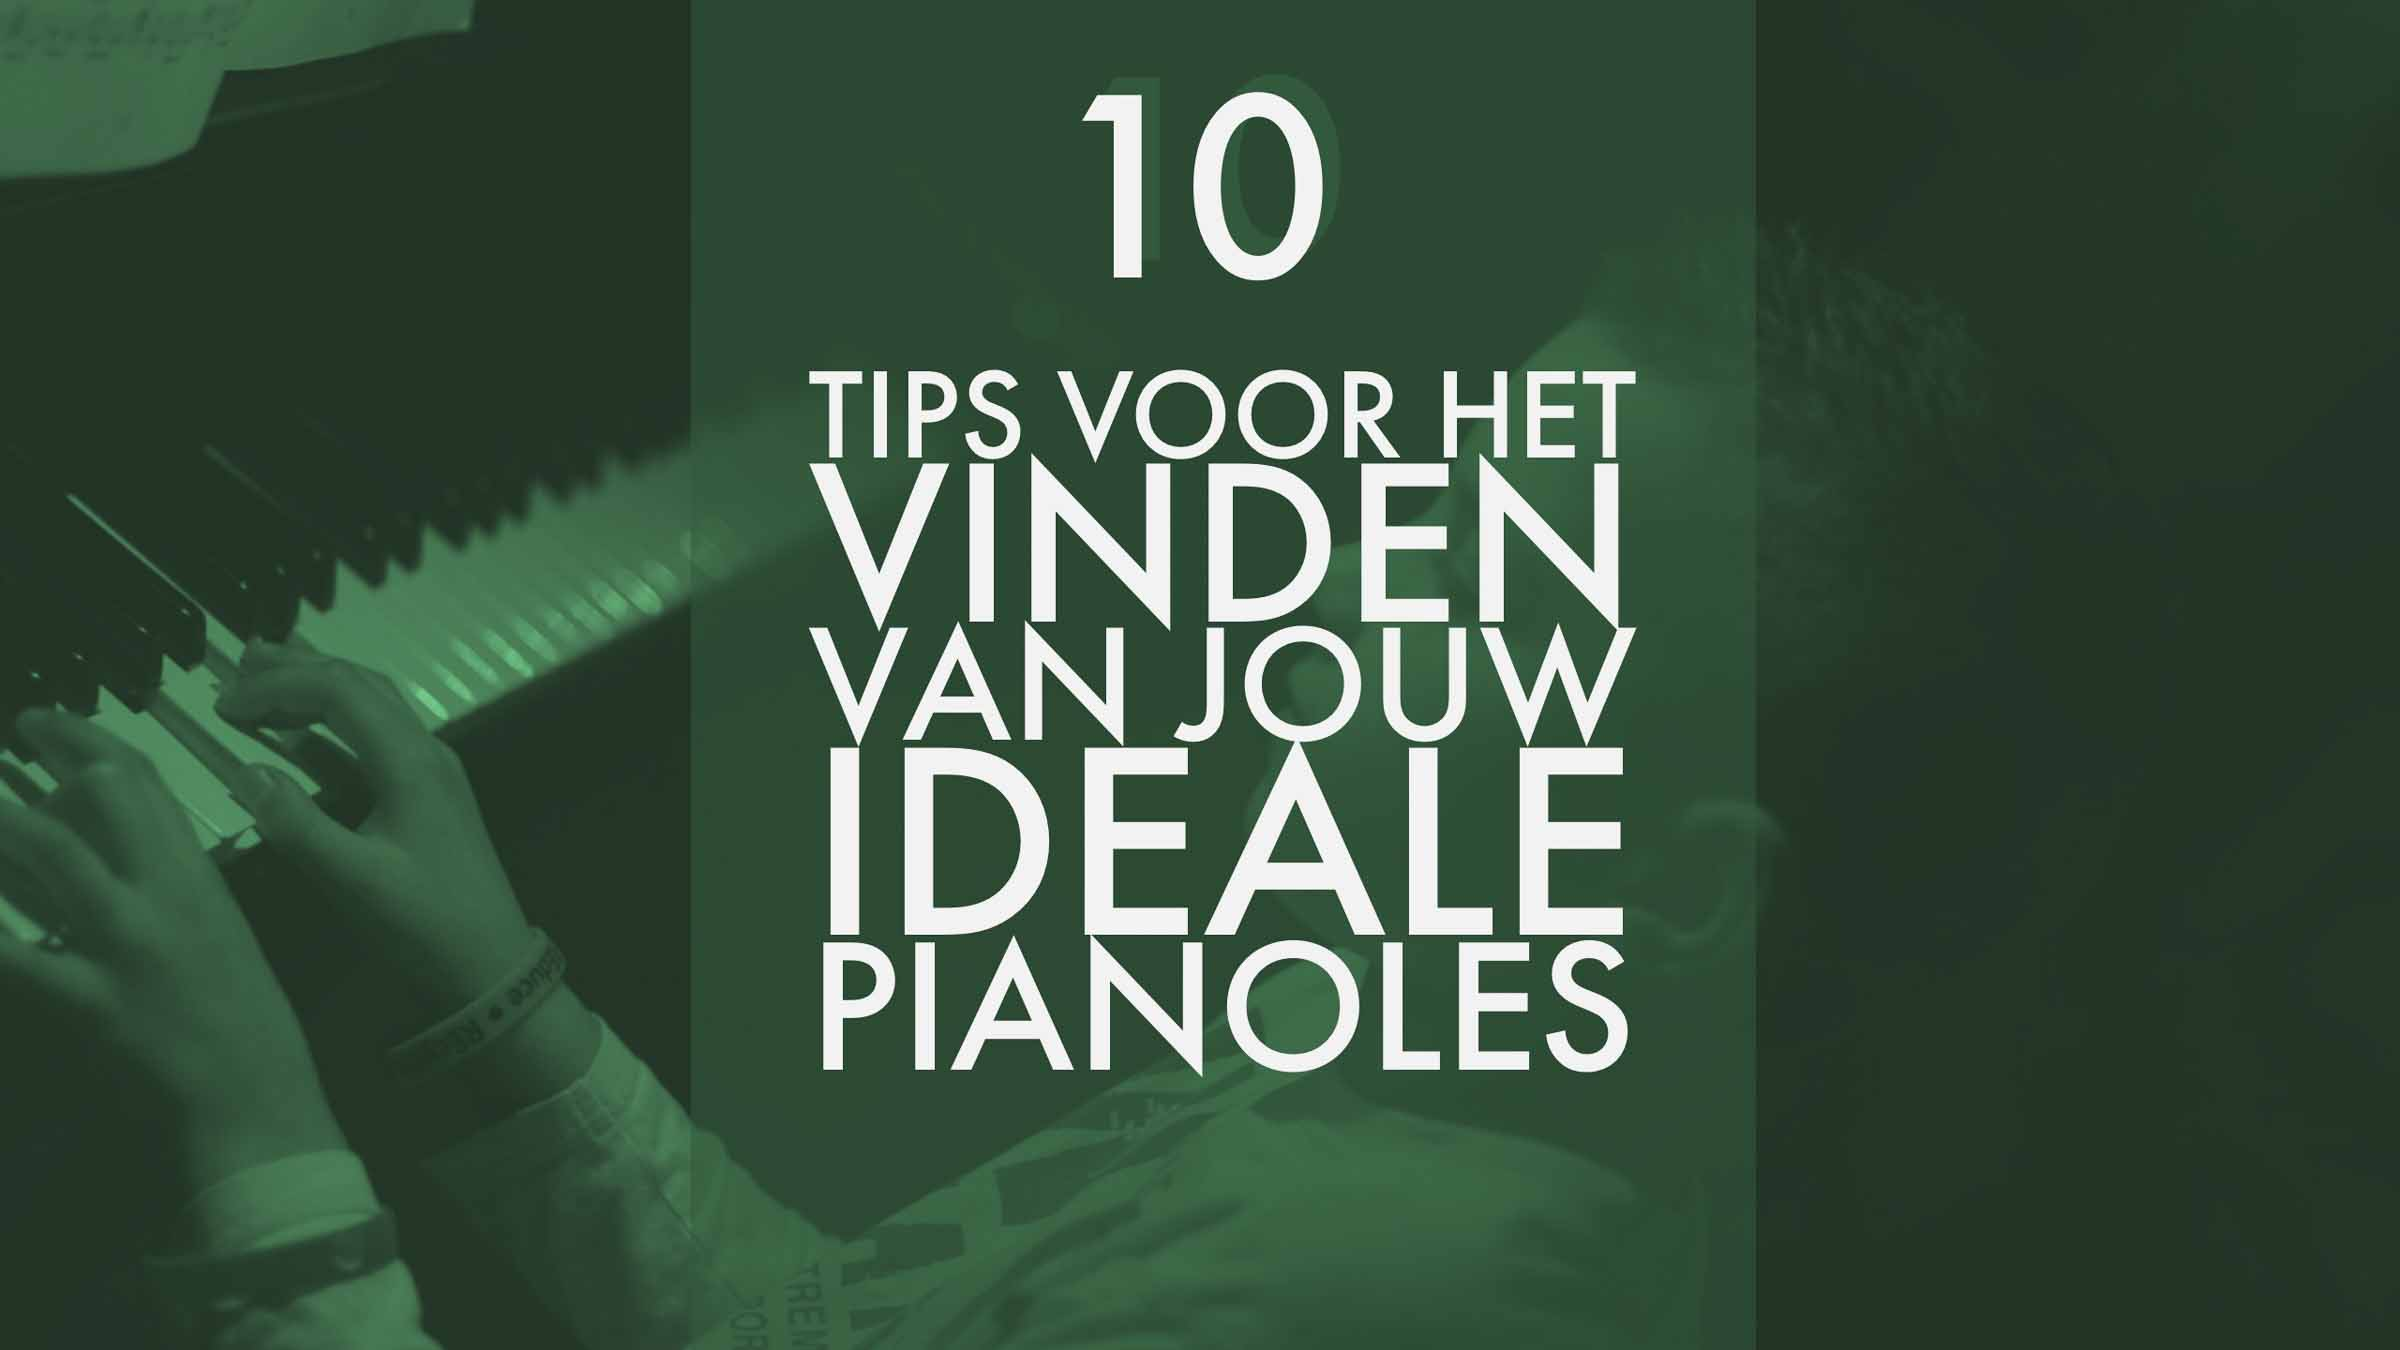 10 tips voor het vinden van jouw ideale pianoles